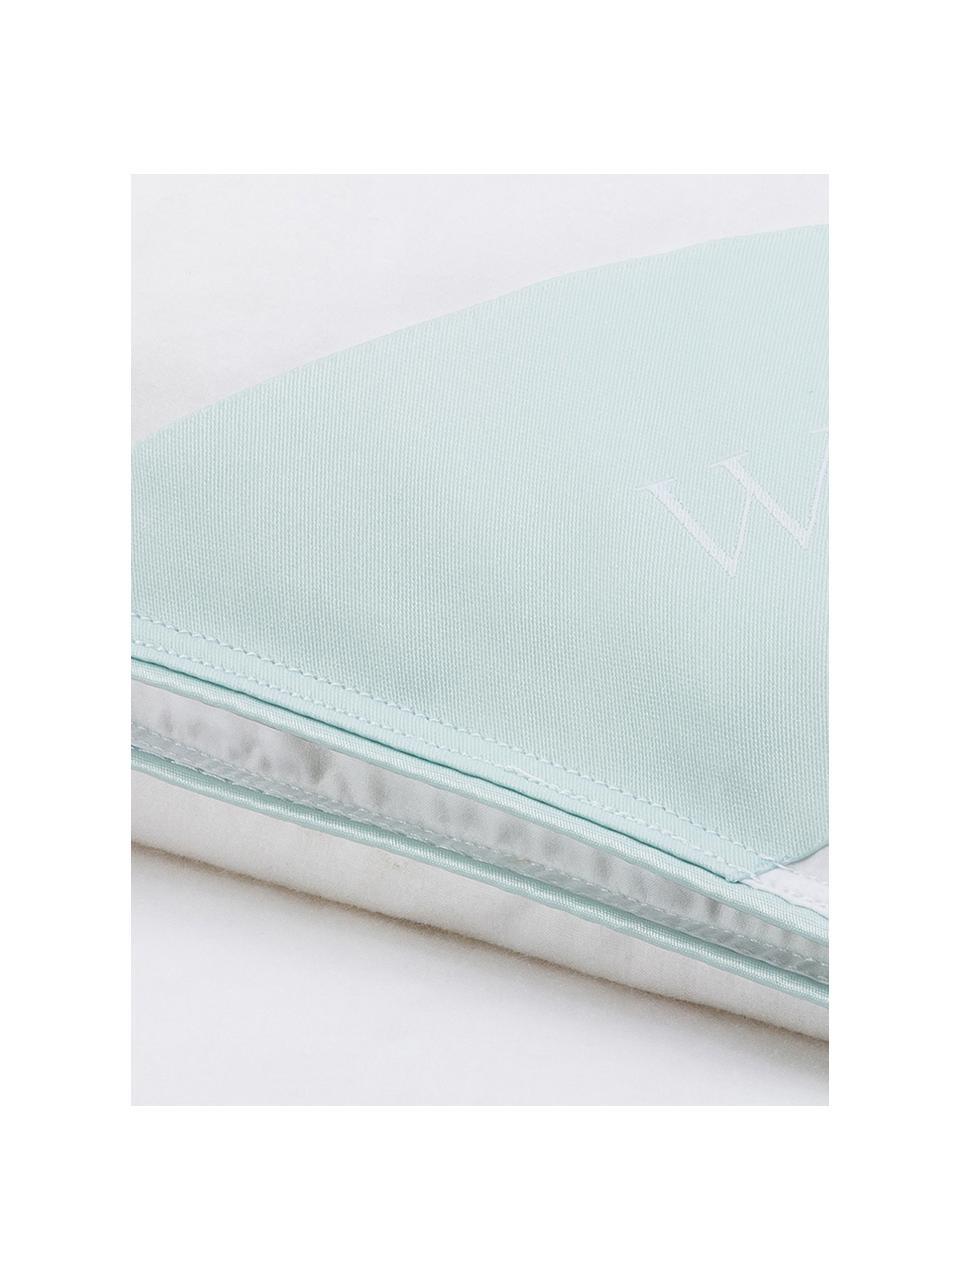 Puchowa kołdra kasetowa Comfort, bardzo ciepła, Biały, S 135 x D 200 cm